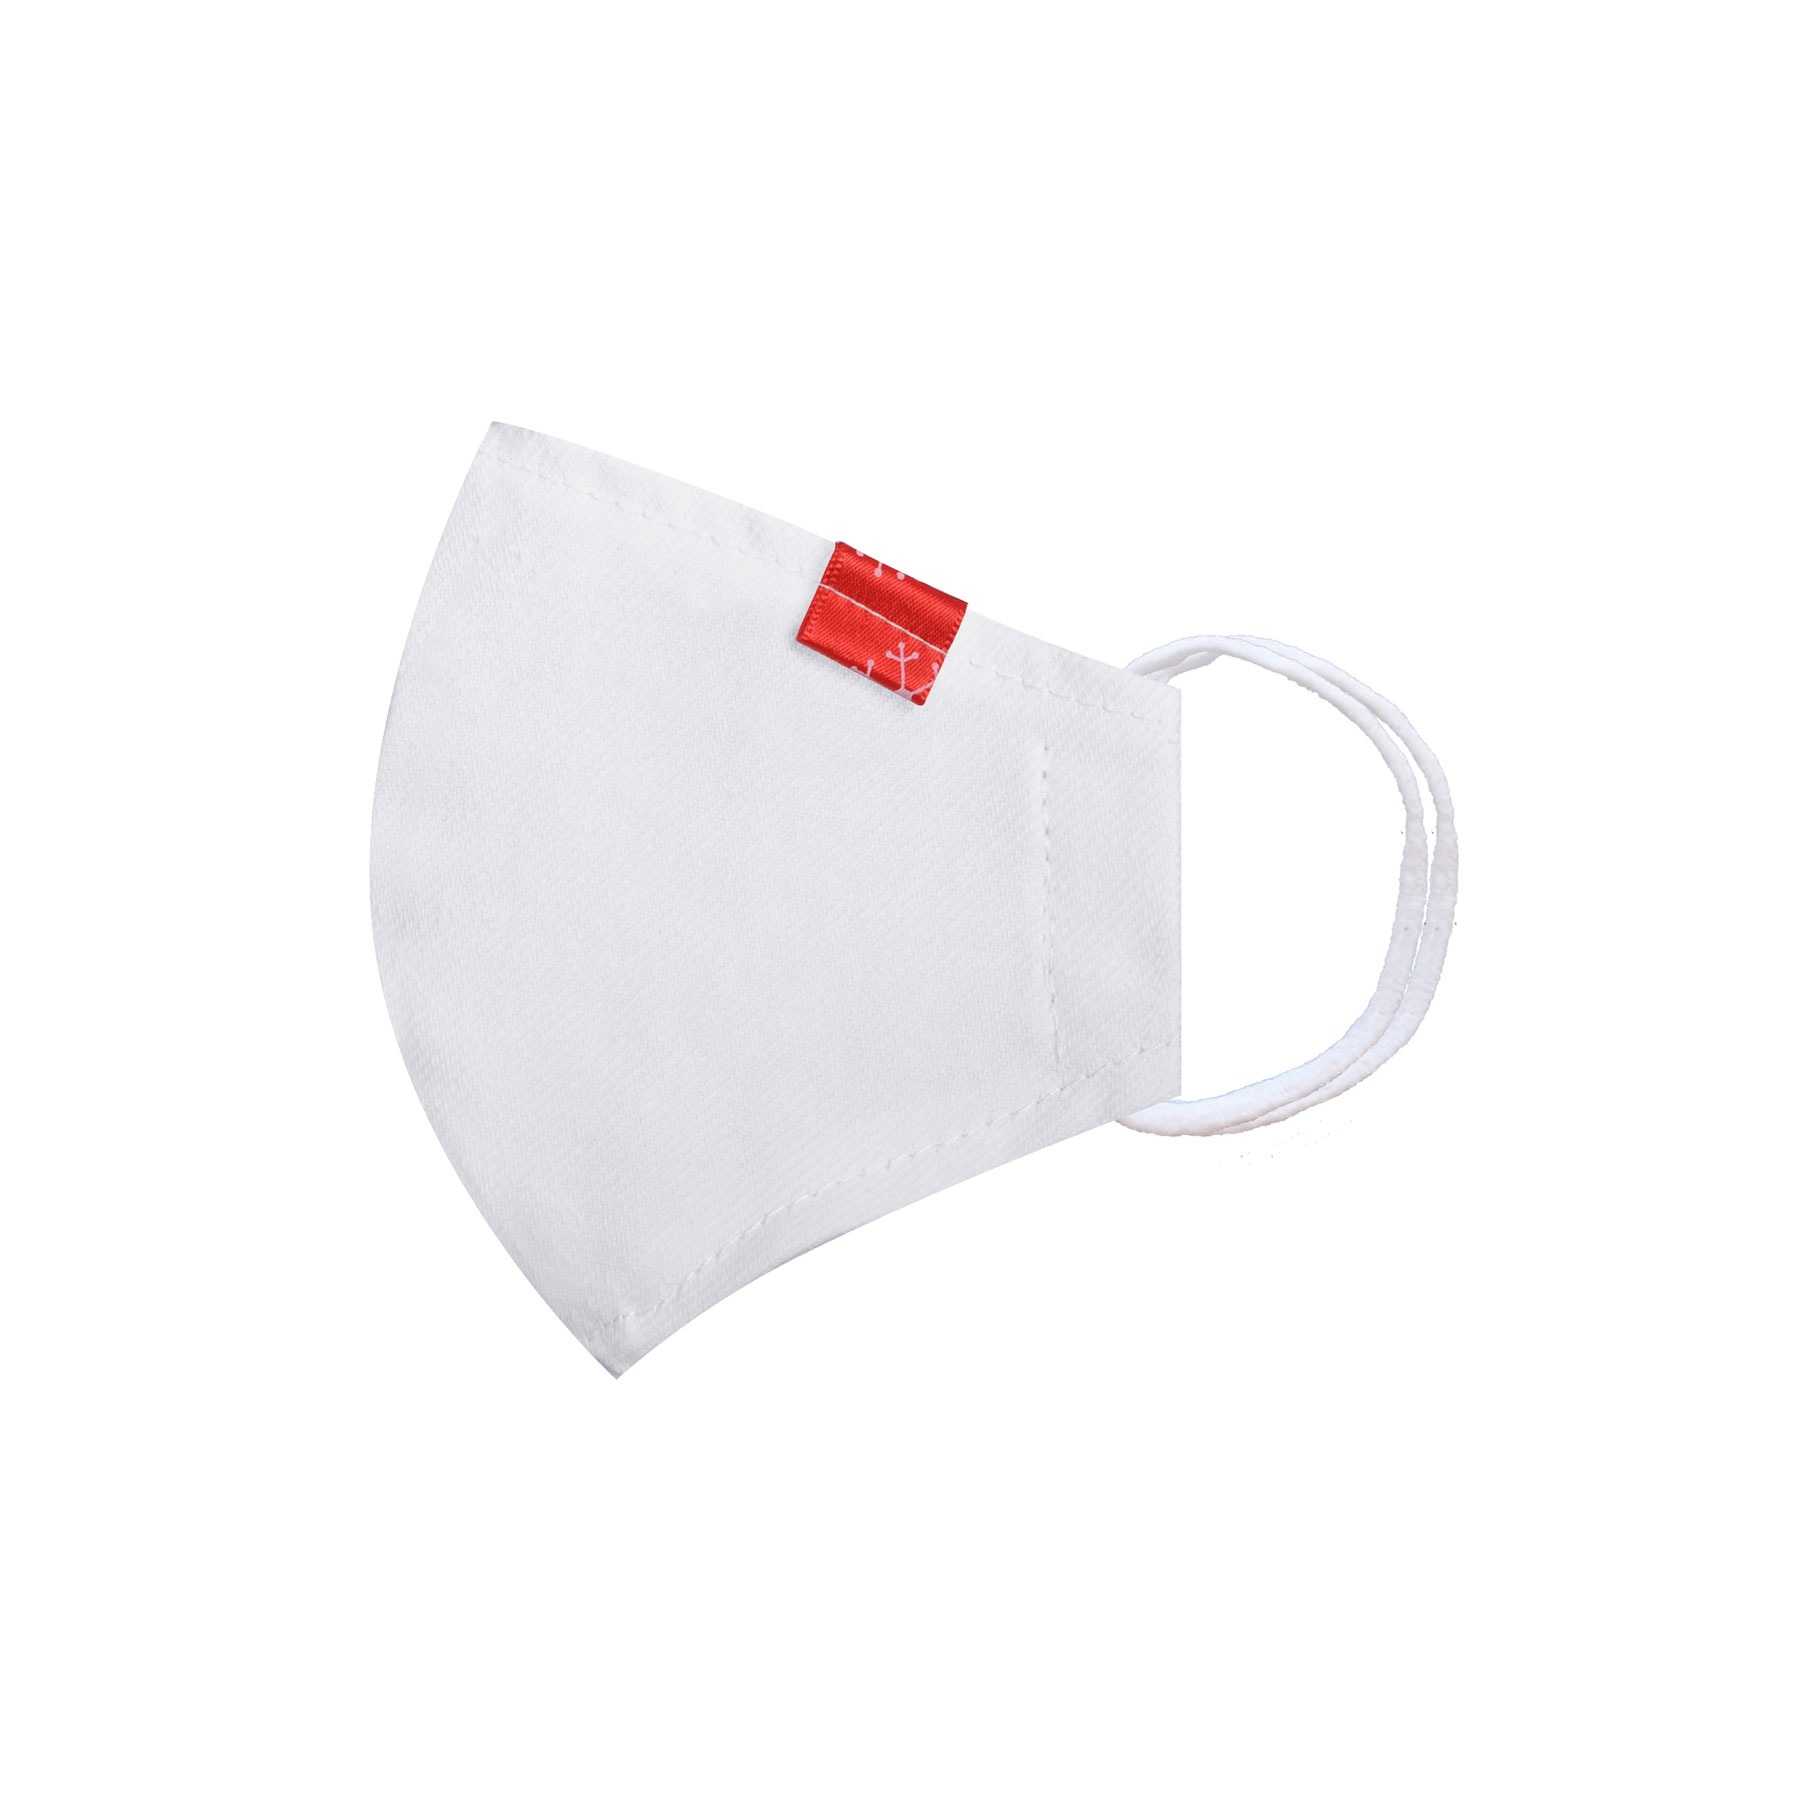 Módní bavlněné ústní roušky tvarované bílá s červenou nášivkou, třívrstvé s filtrem a s gumičkami dětská